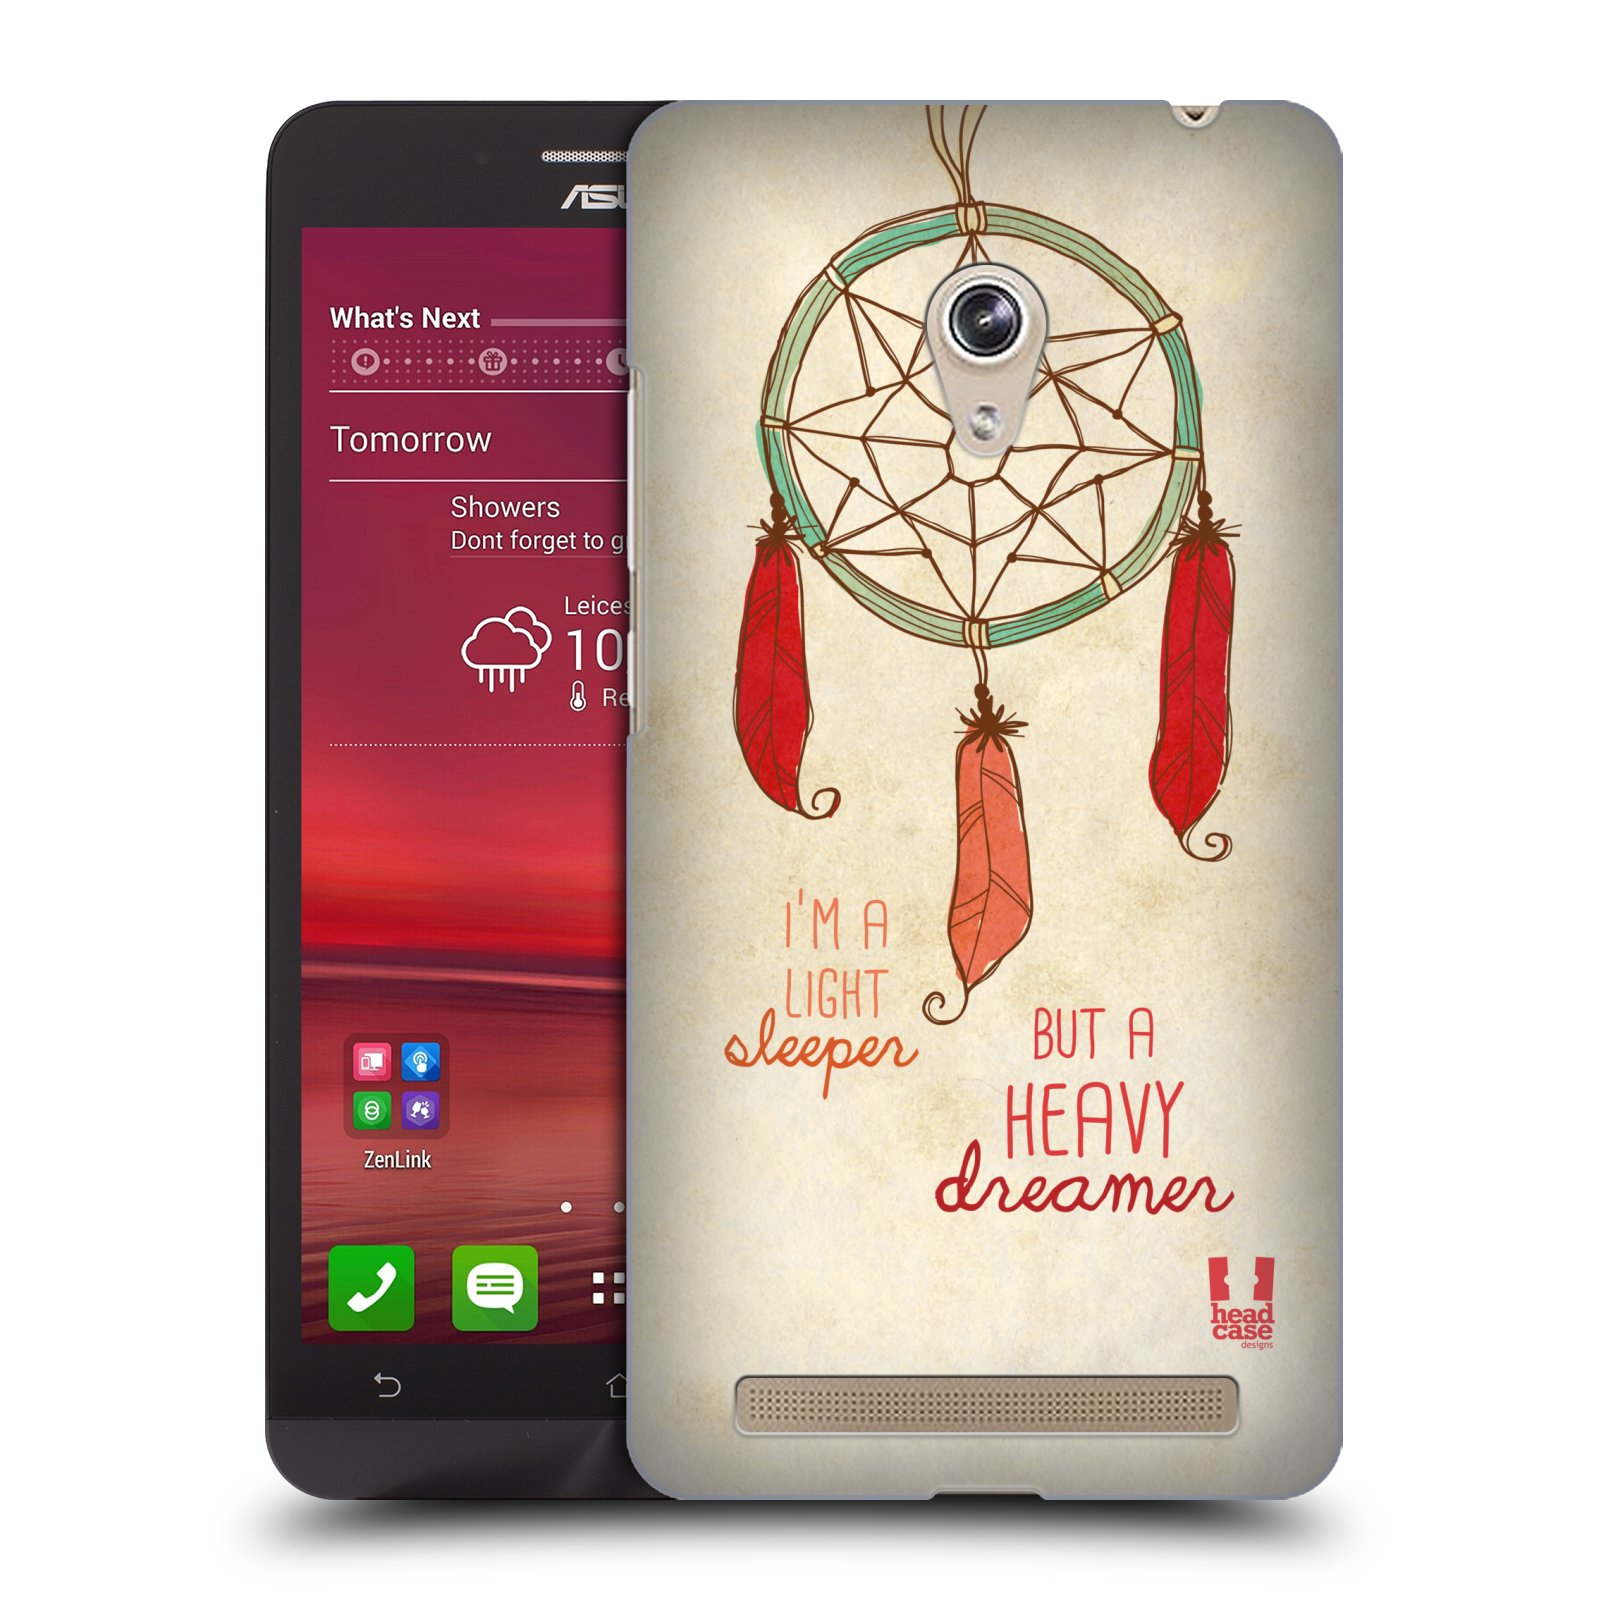 Plastové pouzdro na mobil Asus Zenfone 6 HEAD CASE LAPAČ HEAVY DREAMER (Kryt či obal na mobilní telefon Asus Zenfone 6 A600CG / A601CG)